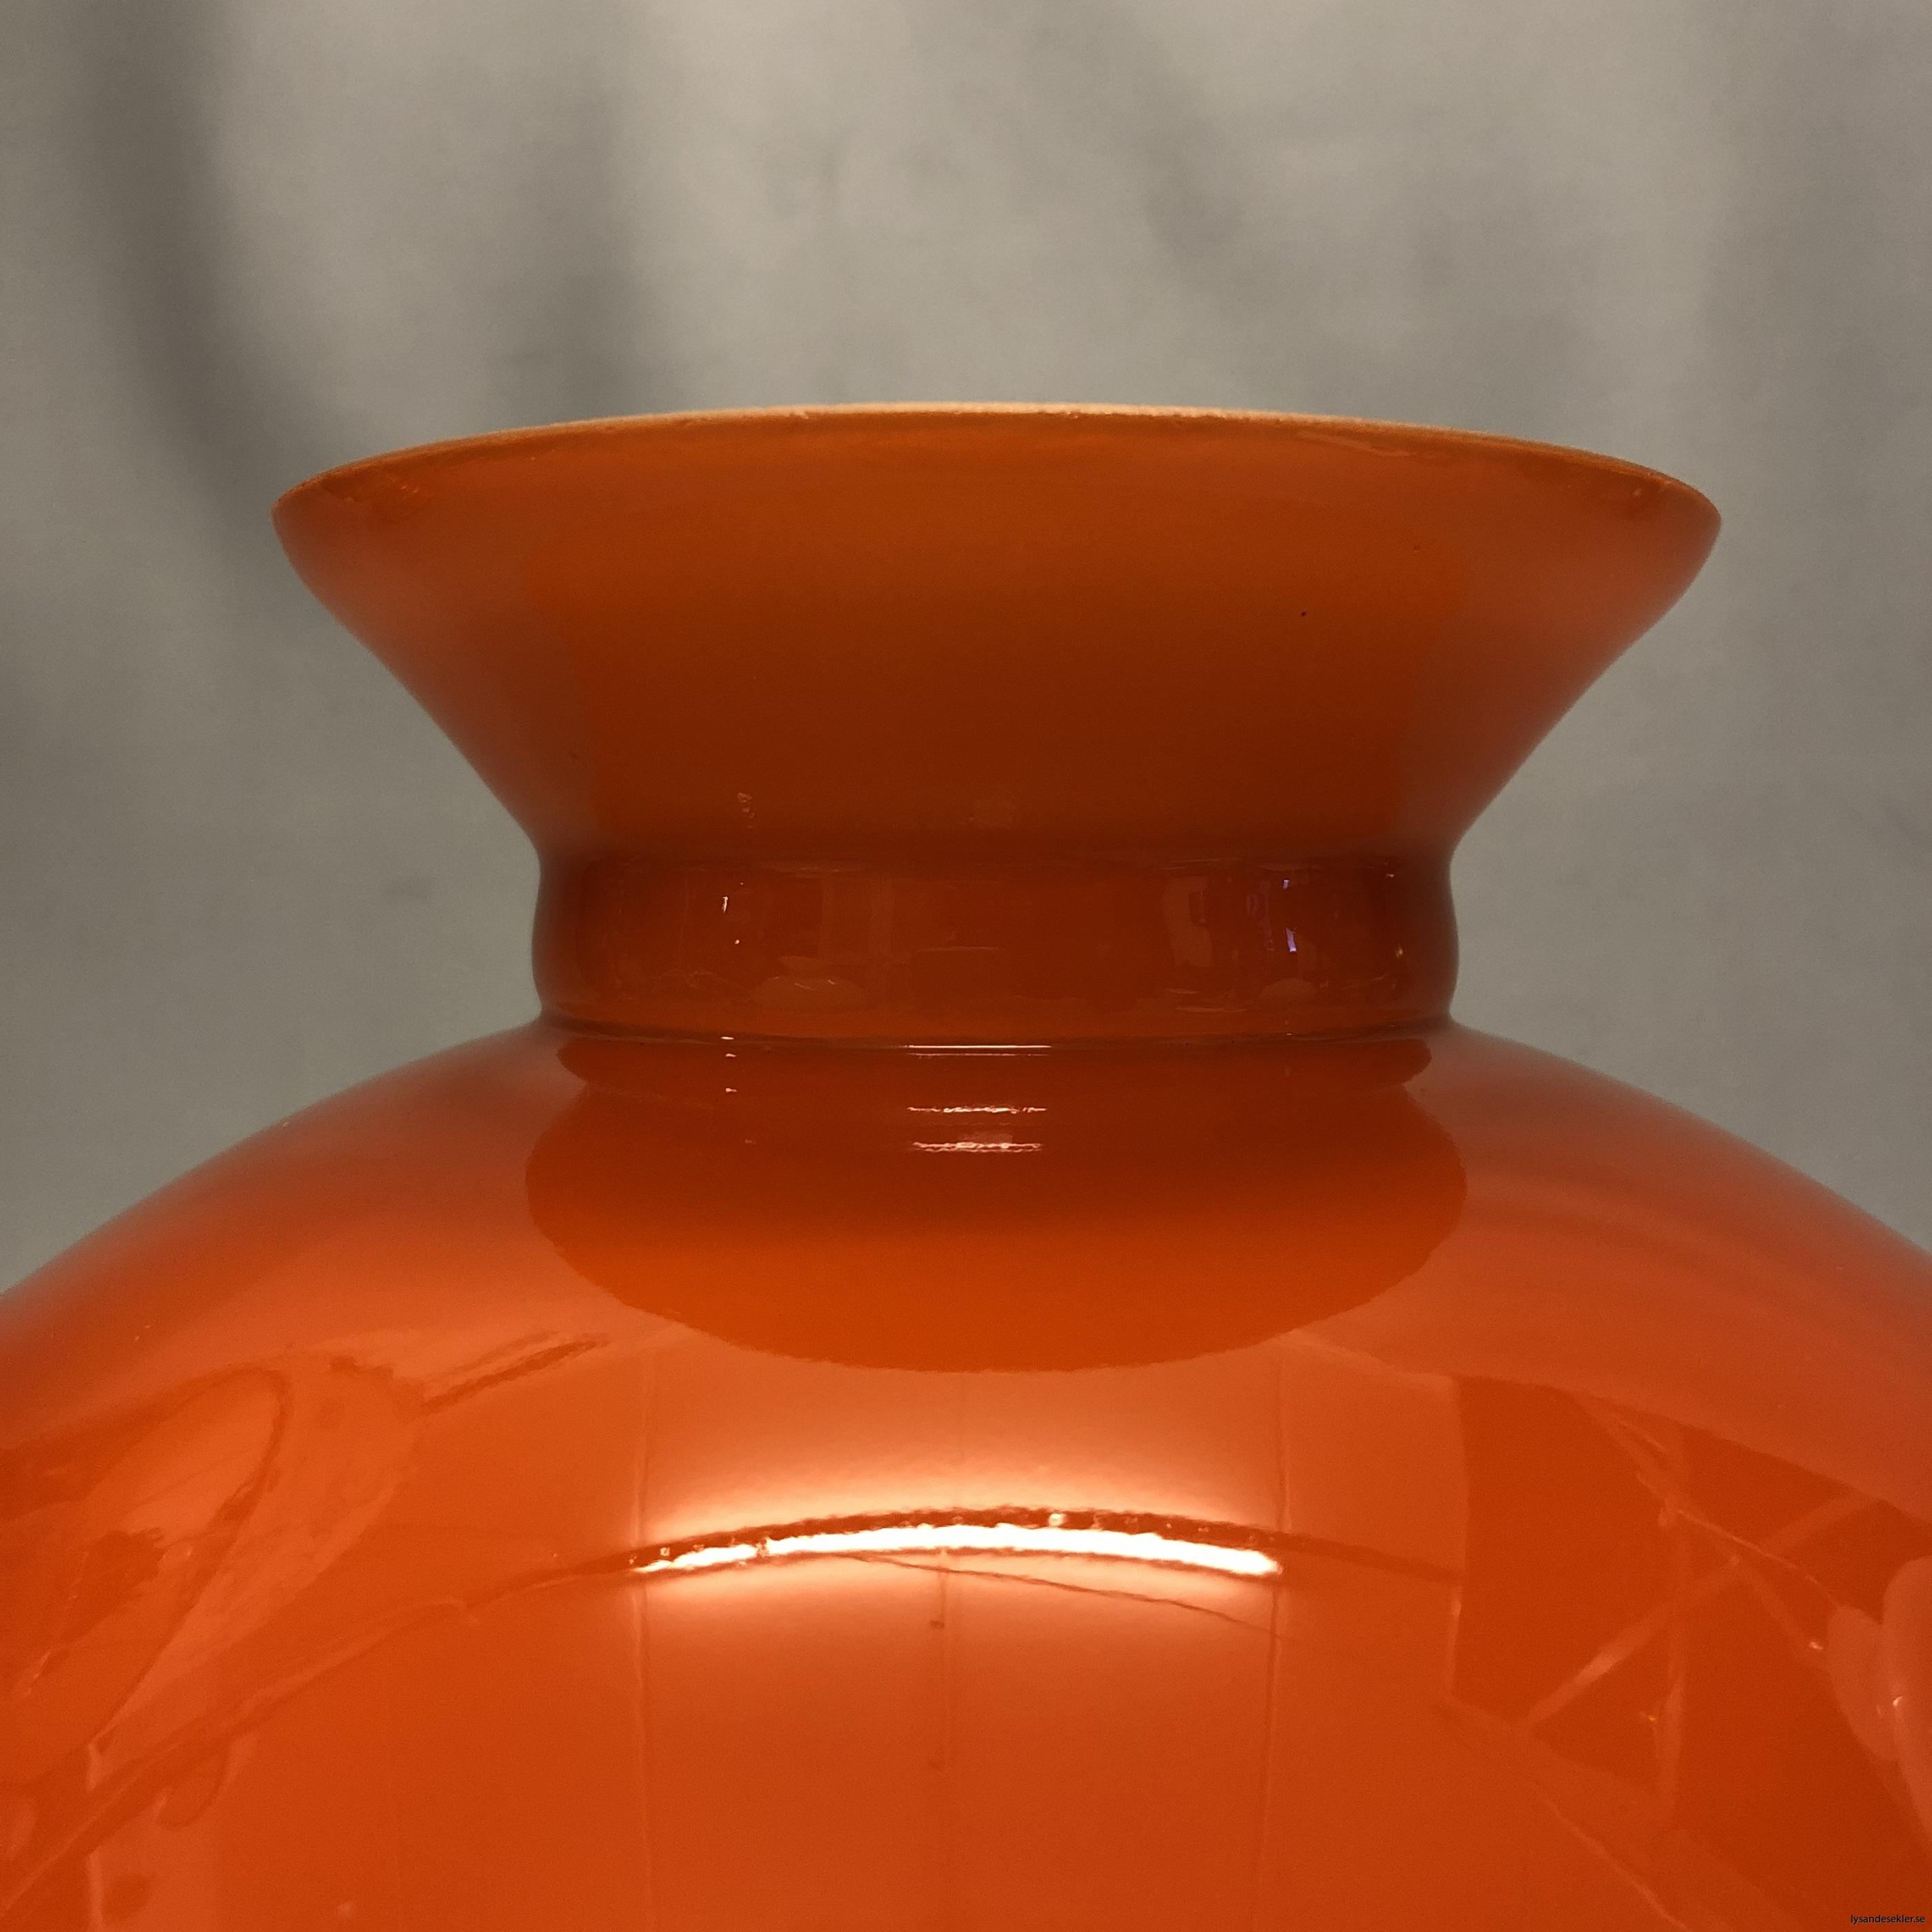 färgad vesta vestaskärm i färg fotogenskärm grön röd gul orange skärm till fotogenlampa23